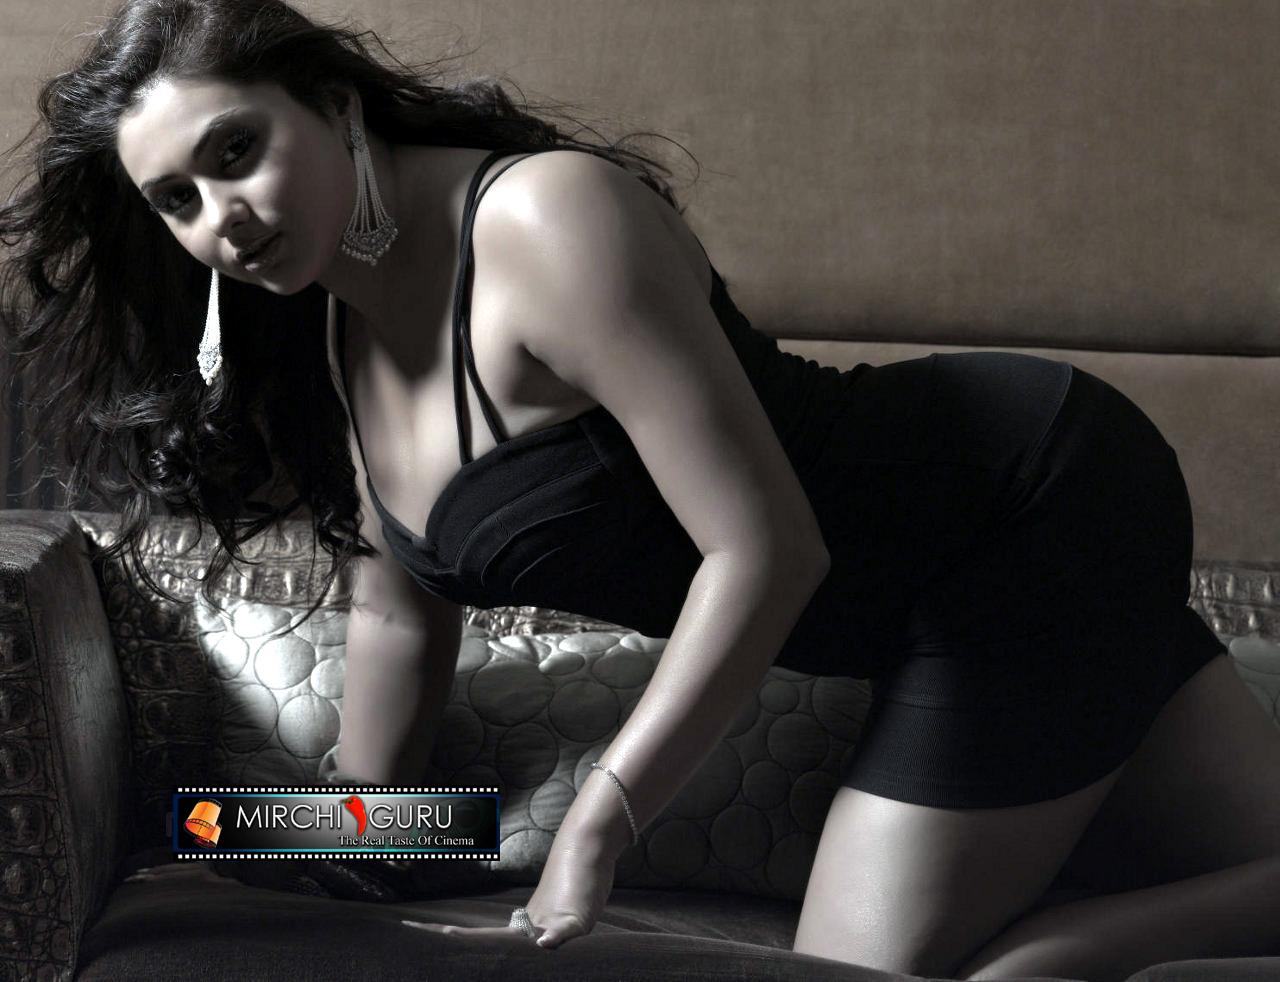 http://3.bp.blogspot.com/_jdnlGz1uv74/TKAu_bFlHyI/AAAAAAAAACs/l7fFWecOwIE/s1600/namitha_photo_shoot_wallpapers_07+copy.jpg